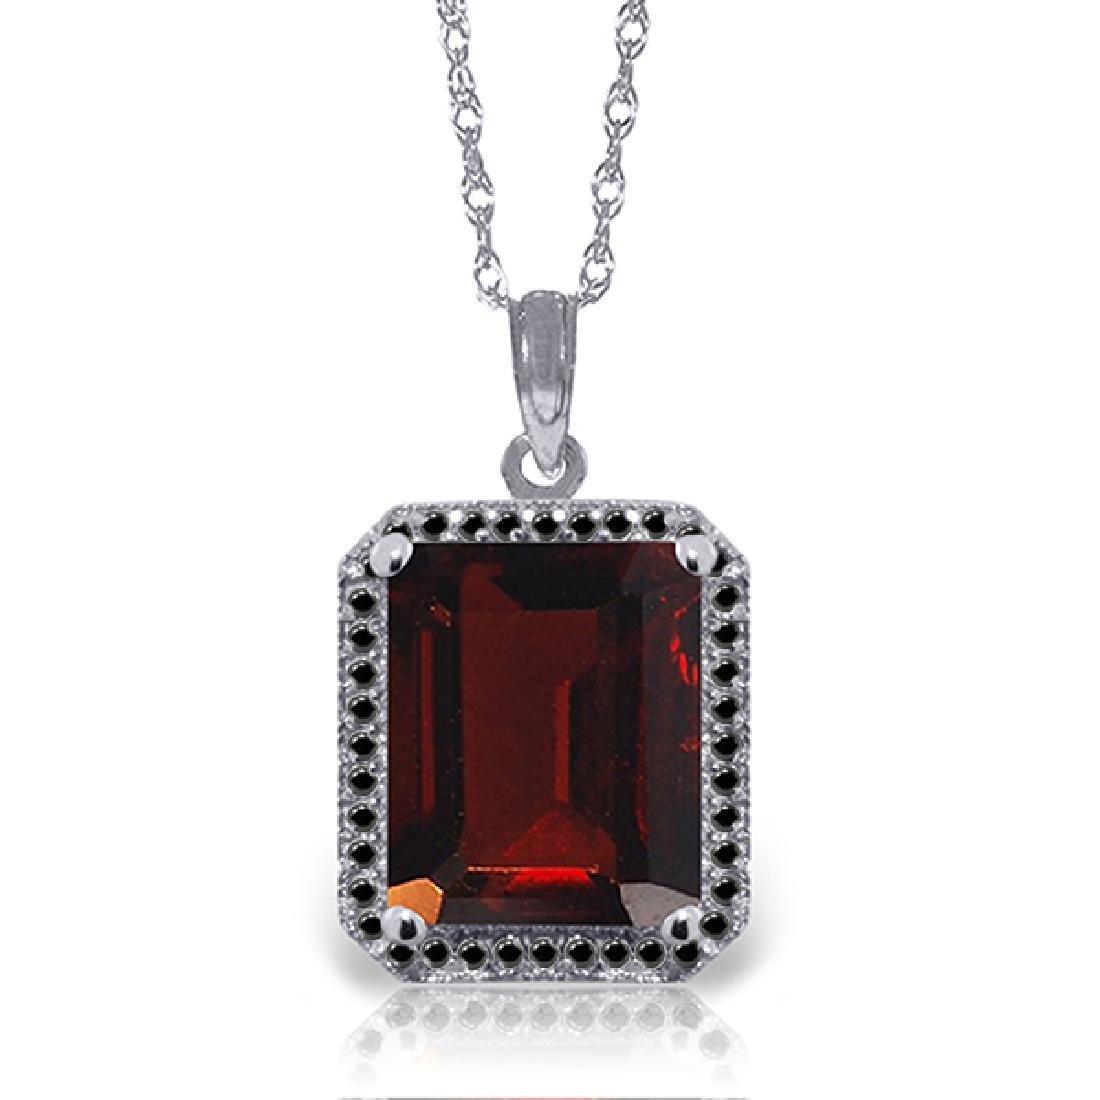 Genuine 7.7 ctw Garnet & Black Diamond Necklace Jewelry